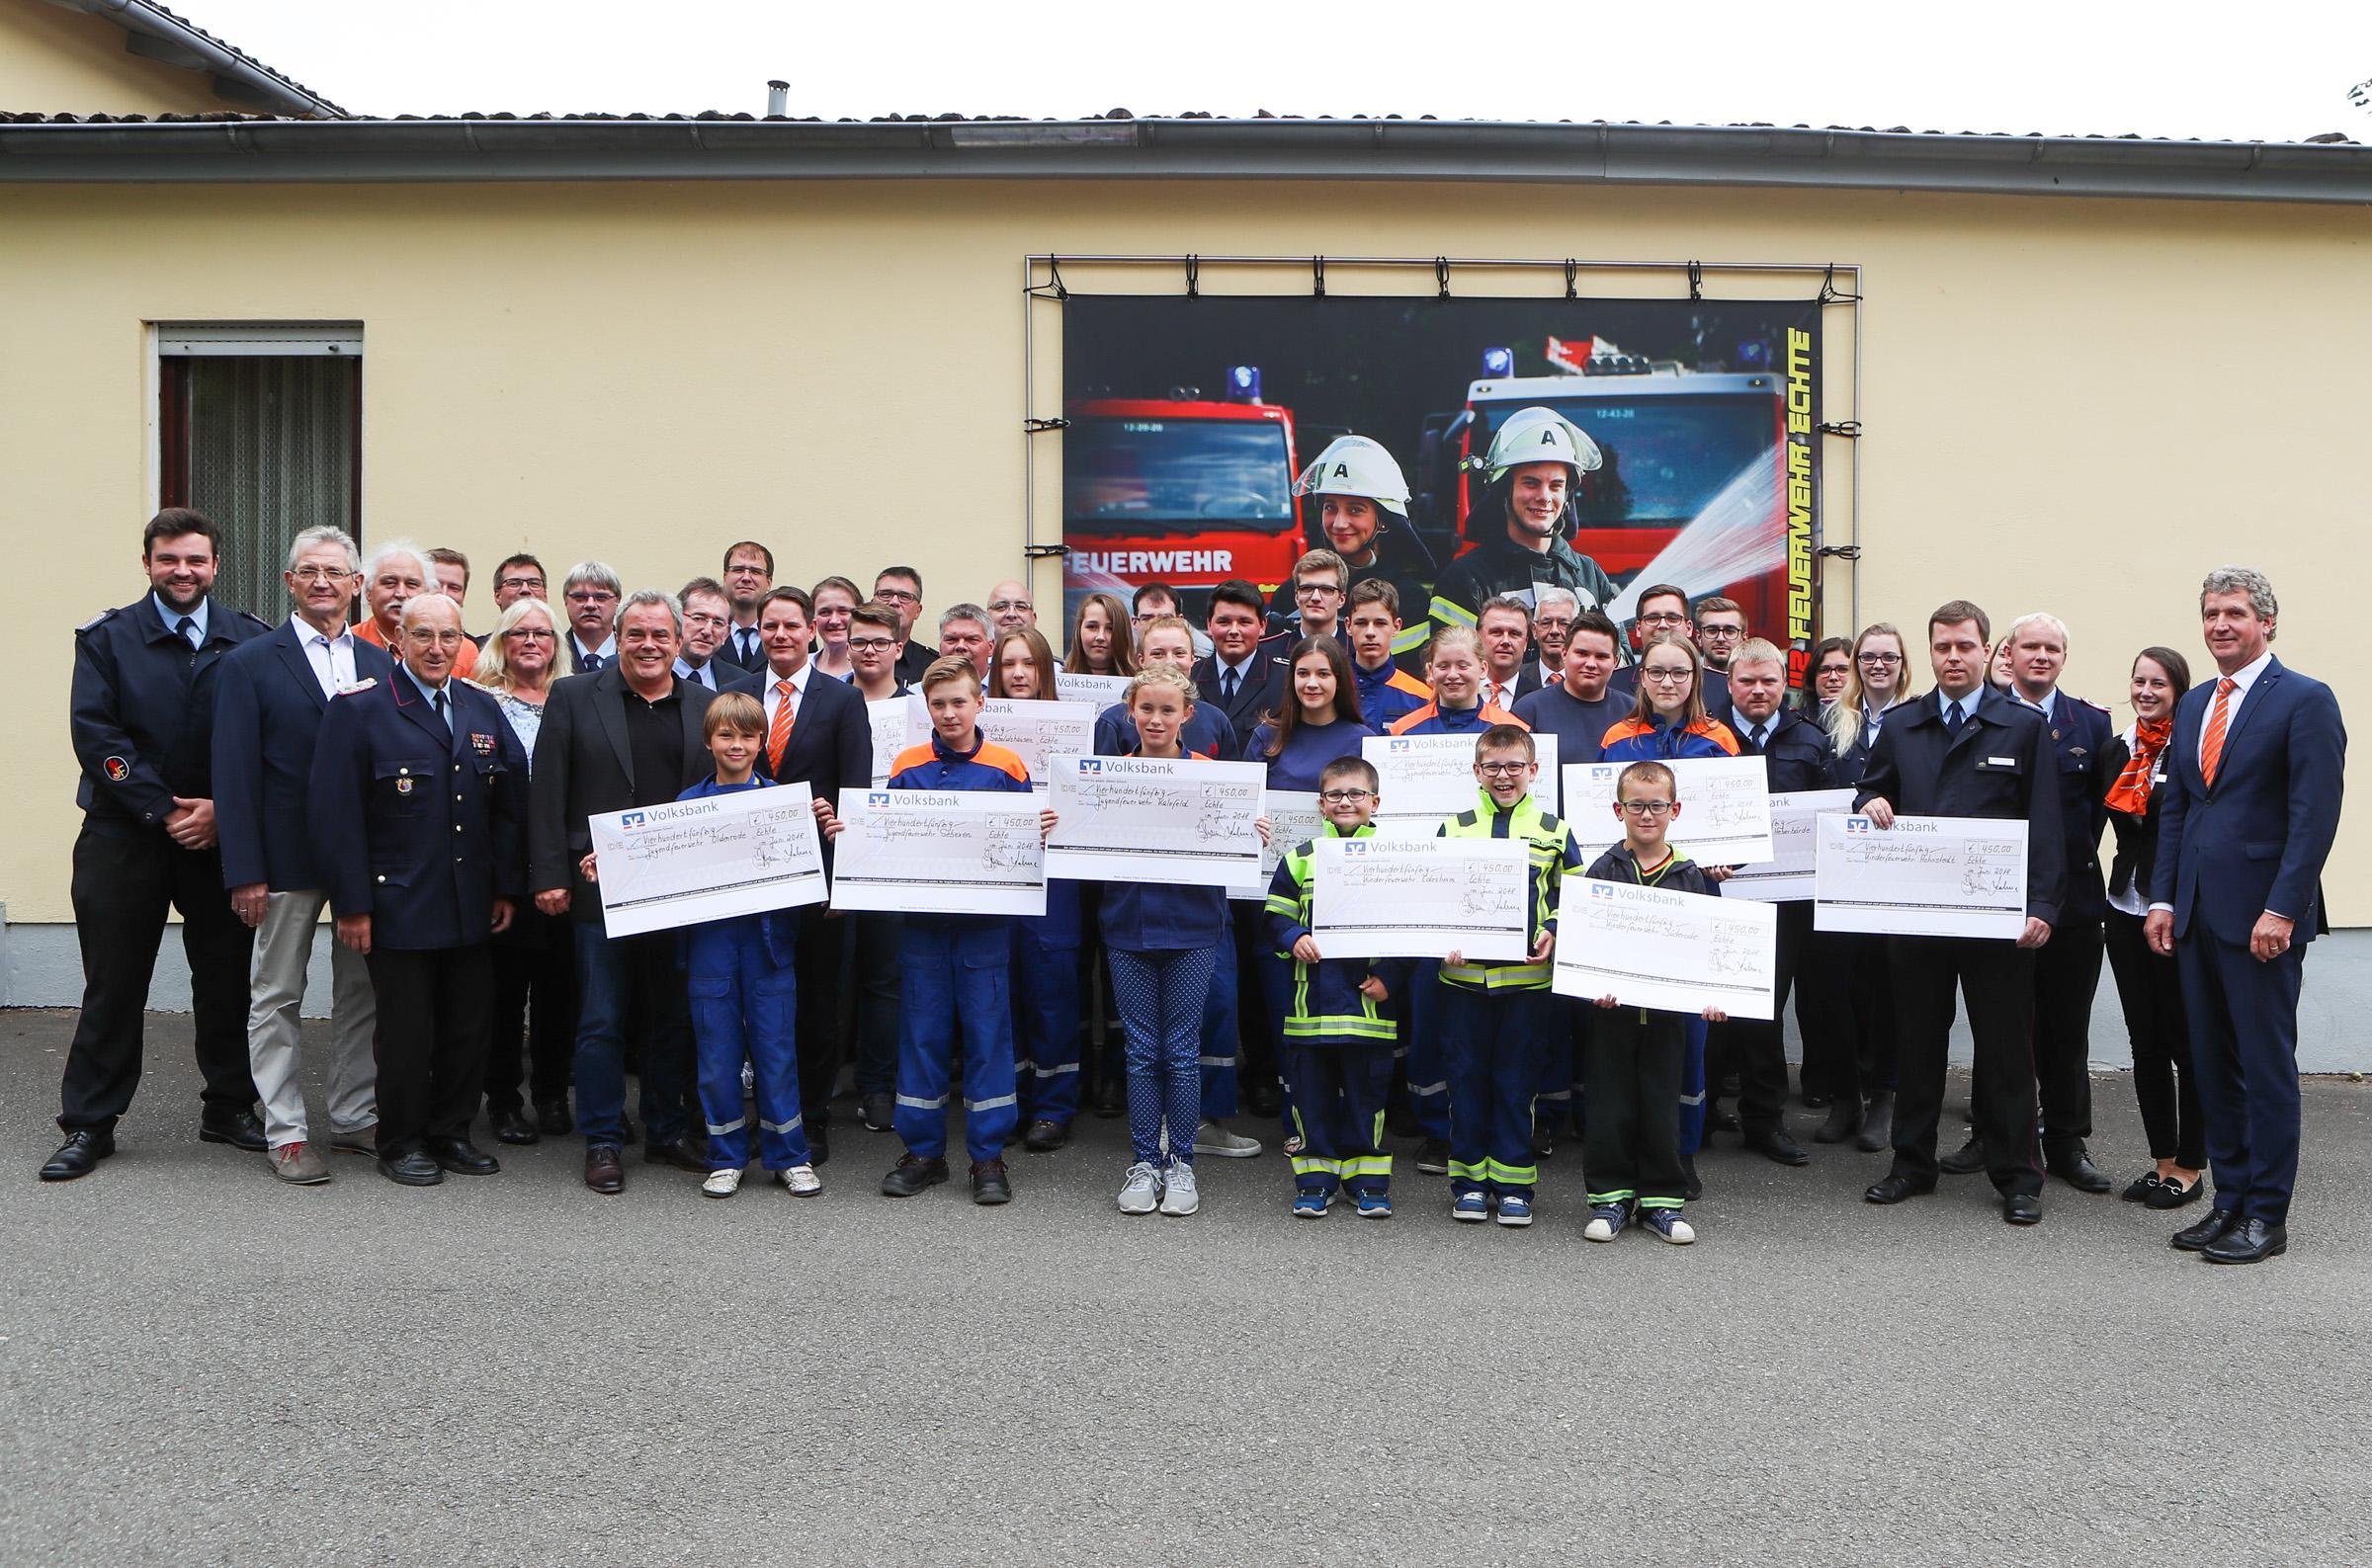 Volksbank spendet 6750 Euro für Kinder- und Jugendfeuerwehren im Raum Bad Gandersheim und Altes Amt